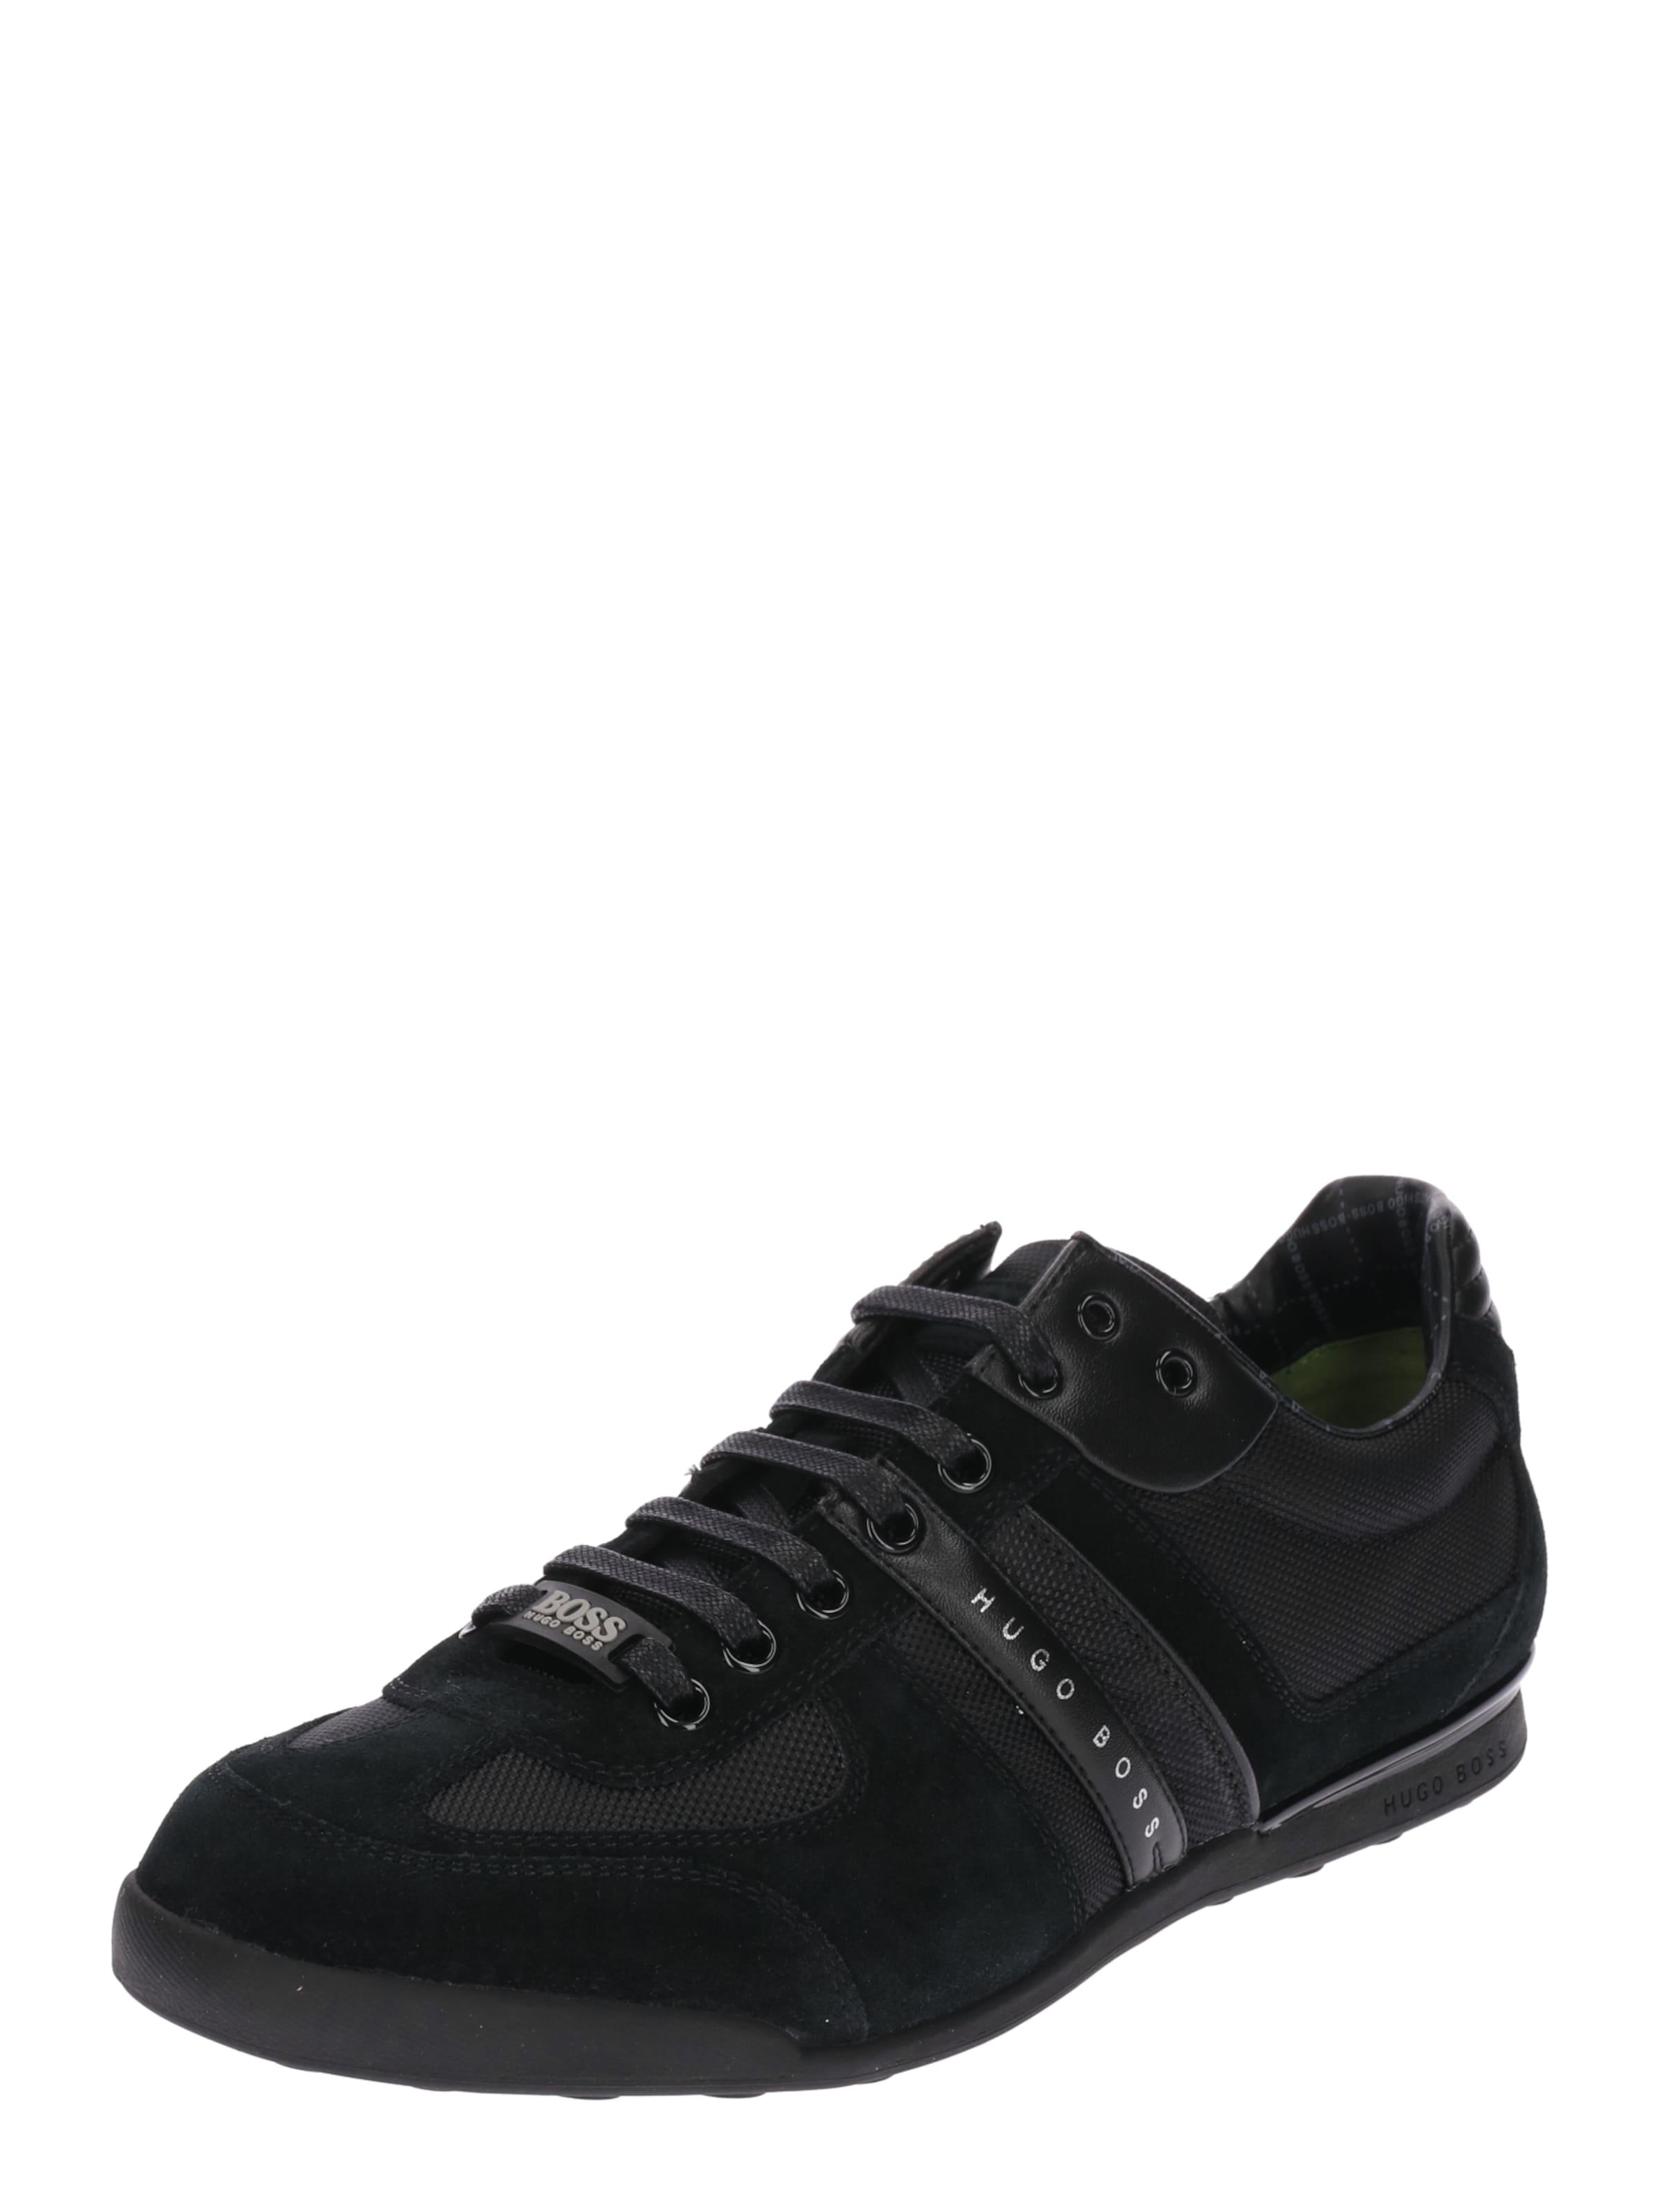 BOSS Sneaker Akeen Verschleißfeste billige Schuhe